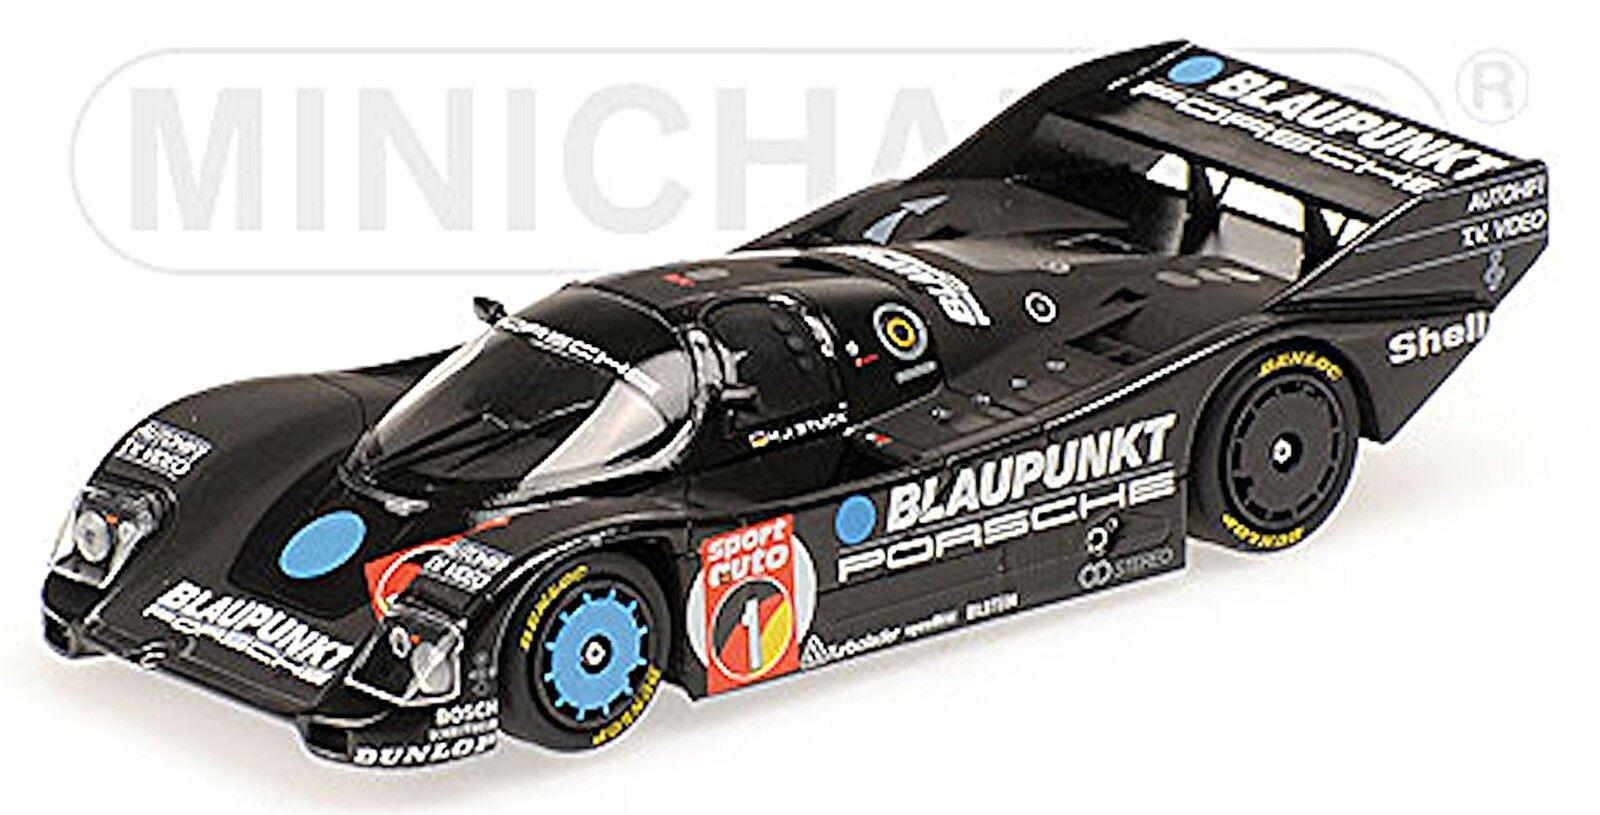 Porsche 962c Nurburgring super sprint 1986 H J stuc  1 - 1 43 MINICHAMPS